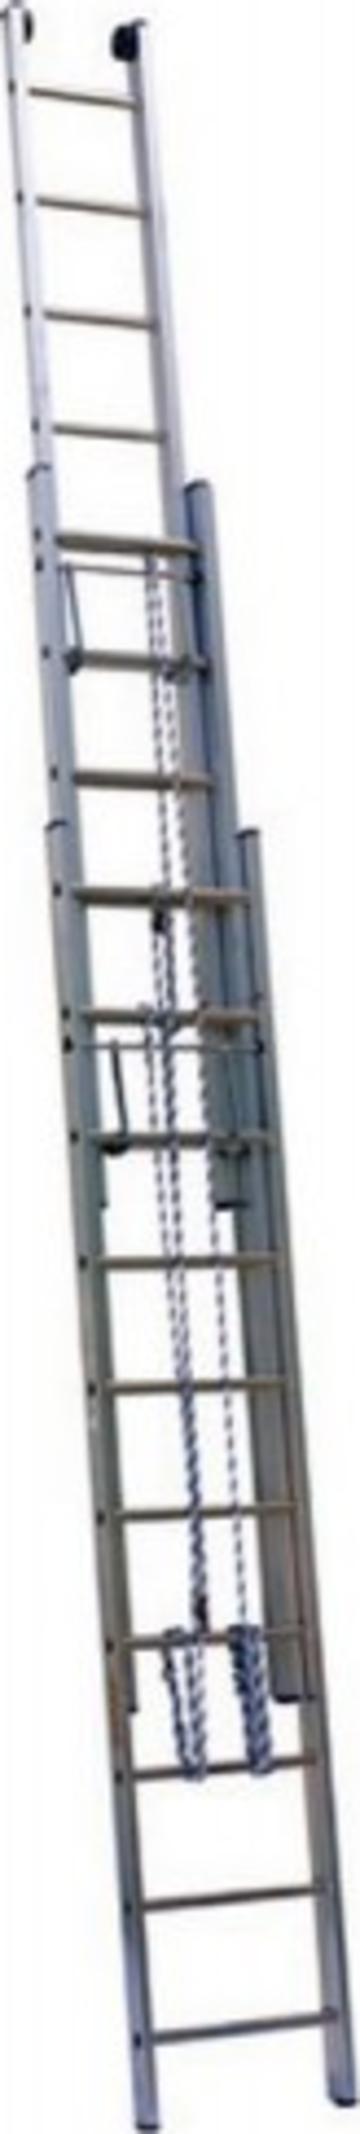 Лестница Лестница выдвижная трехсекционная АЛЮМЕТ 3322 3х22 с тросом